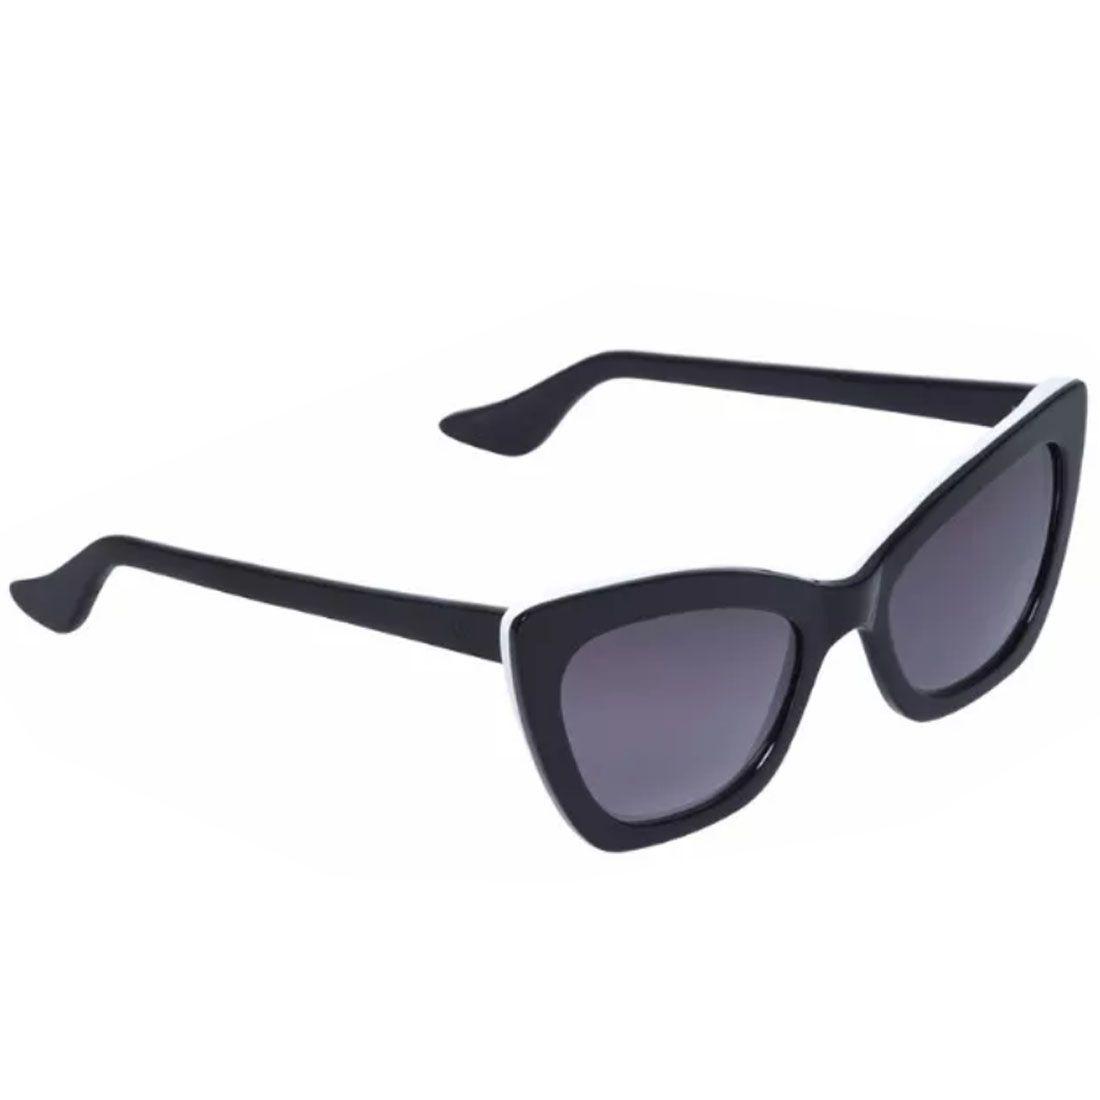 Óculos De Sol Helena Bordon Modelo Brooklin Original